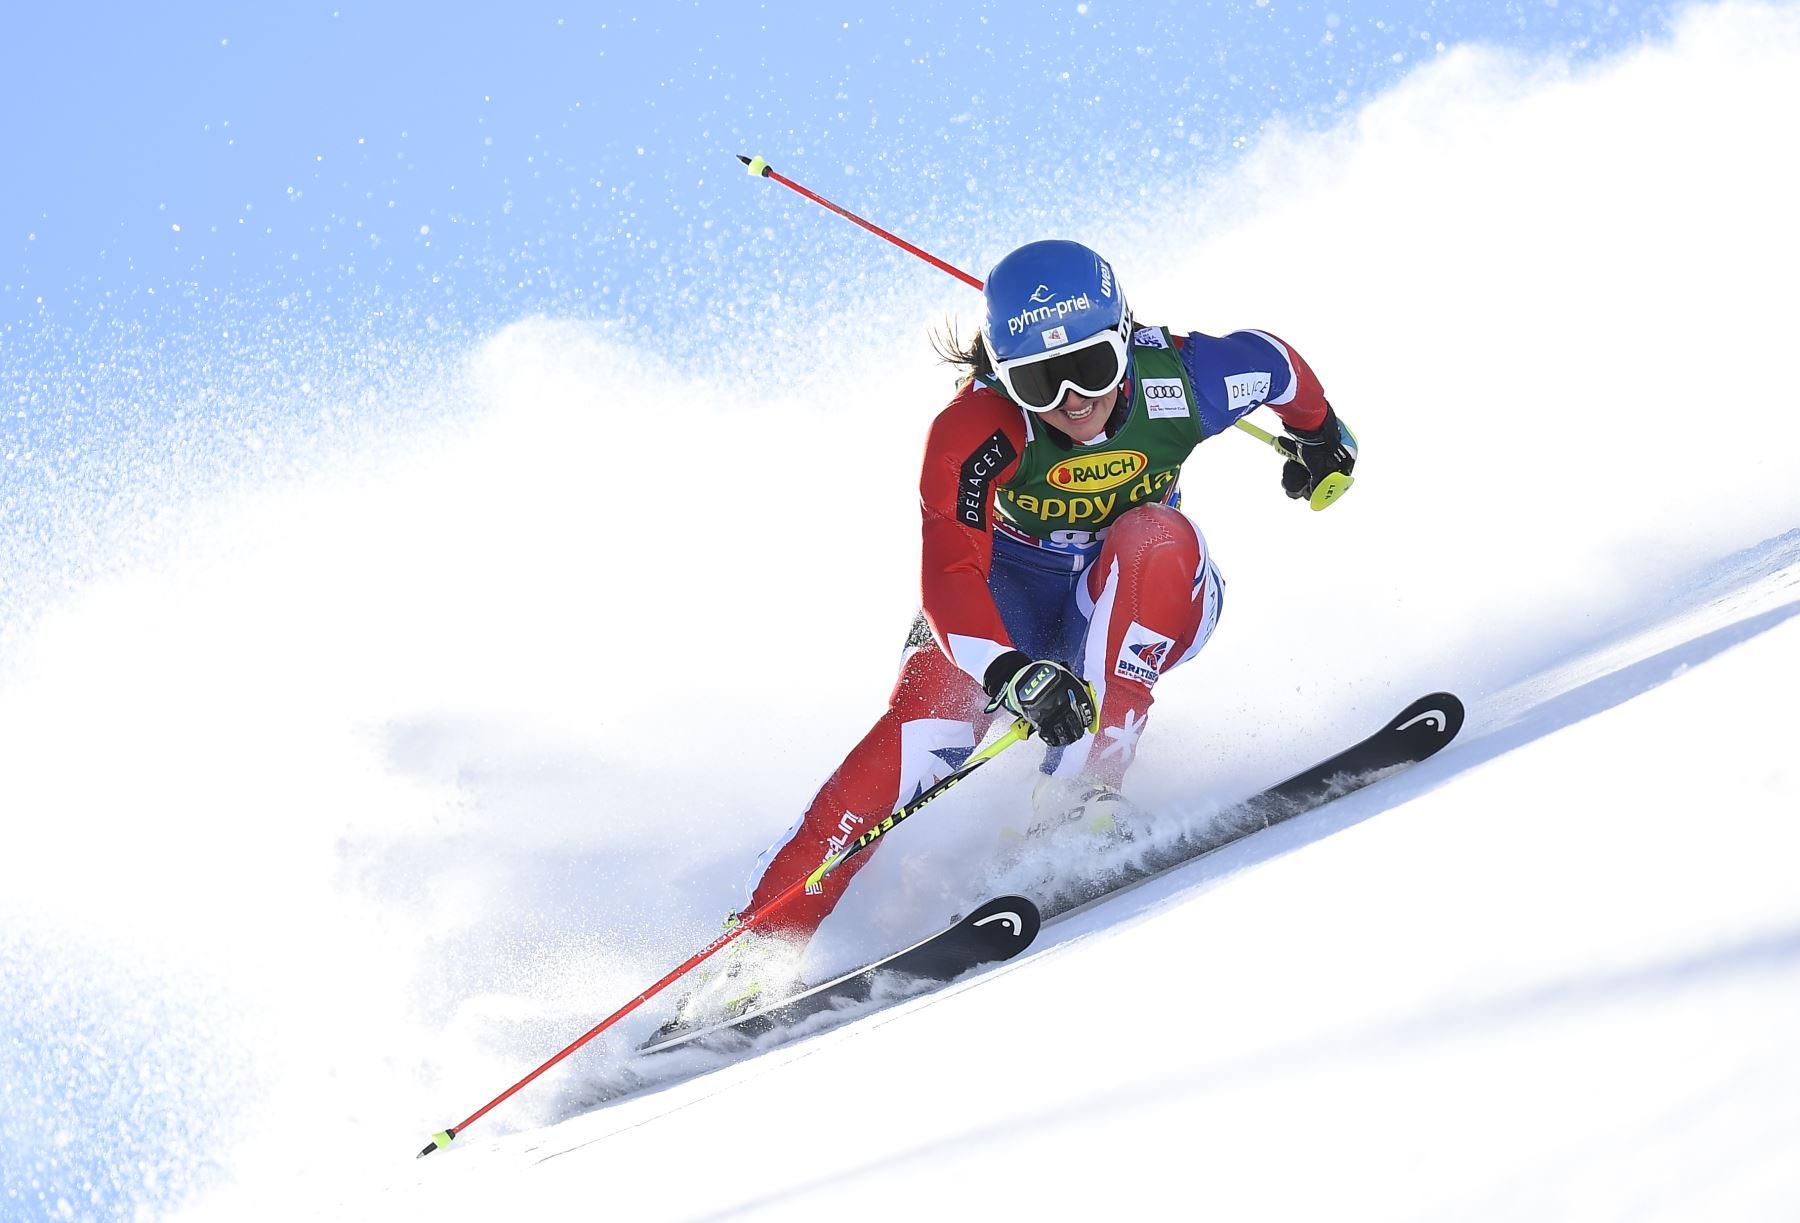 Alexandra Tilley de Gran Bretaña compitió durante la primera carrera de slalom gigante de las damas del esquí Copa del Mundo FIS en Solden, Austria. AFP